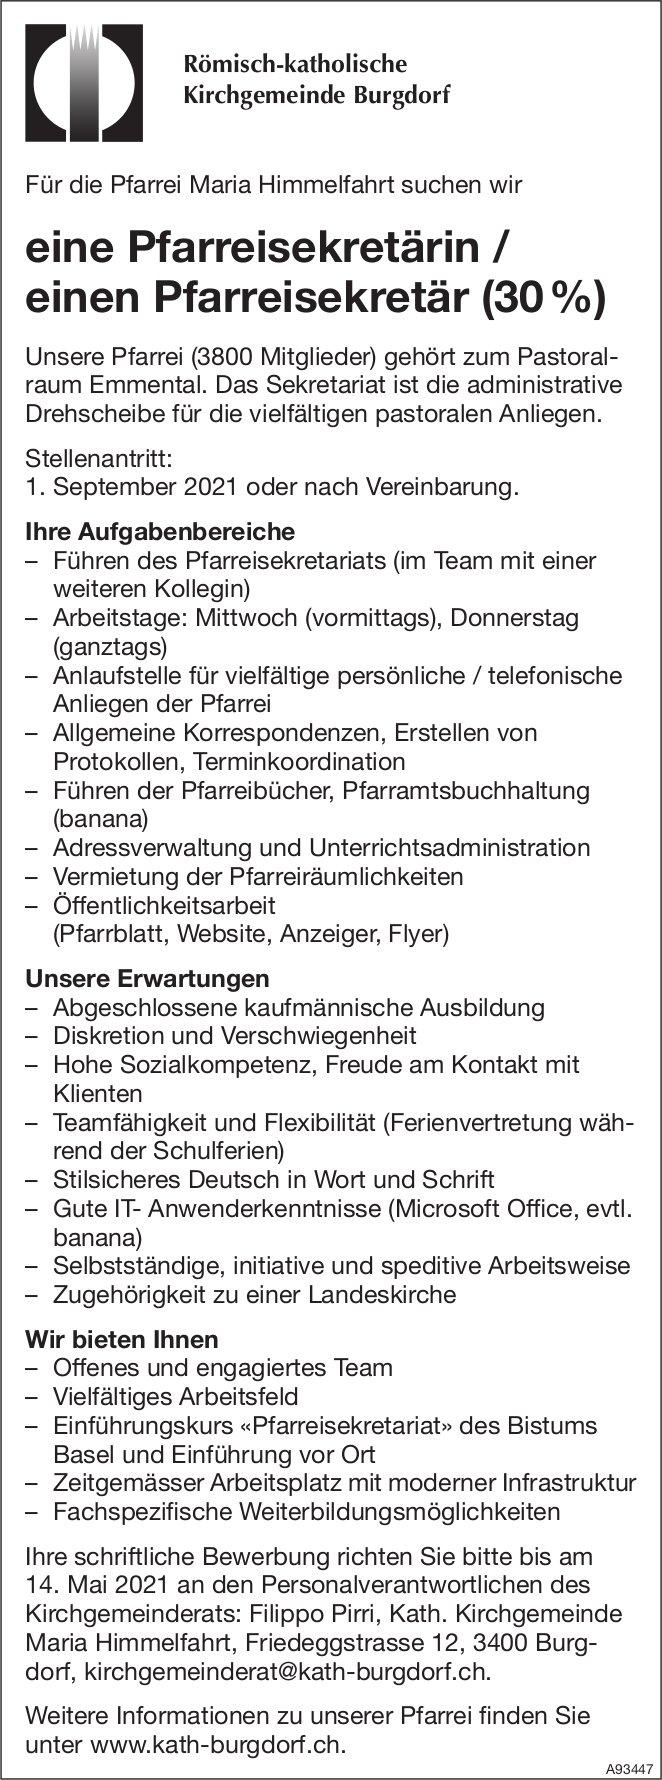 Pfarreisekretärin / Pfarreisekretär (30%), Römisch-katholische Kirchgemeinde, Burgdorf, gesucht